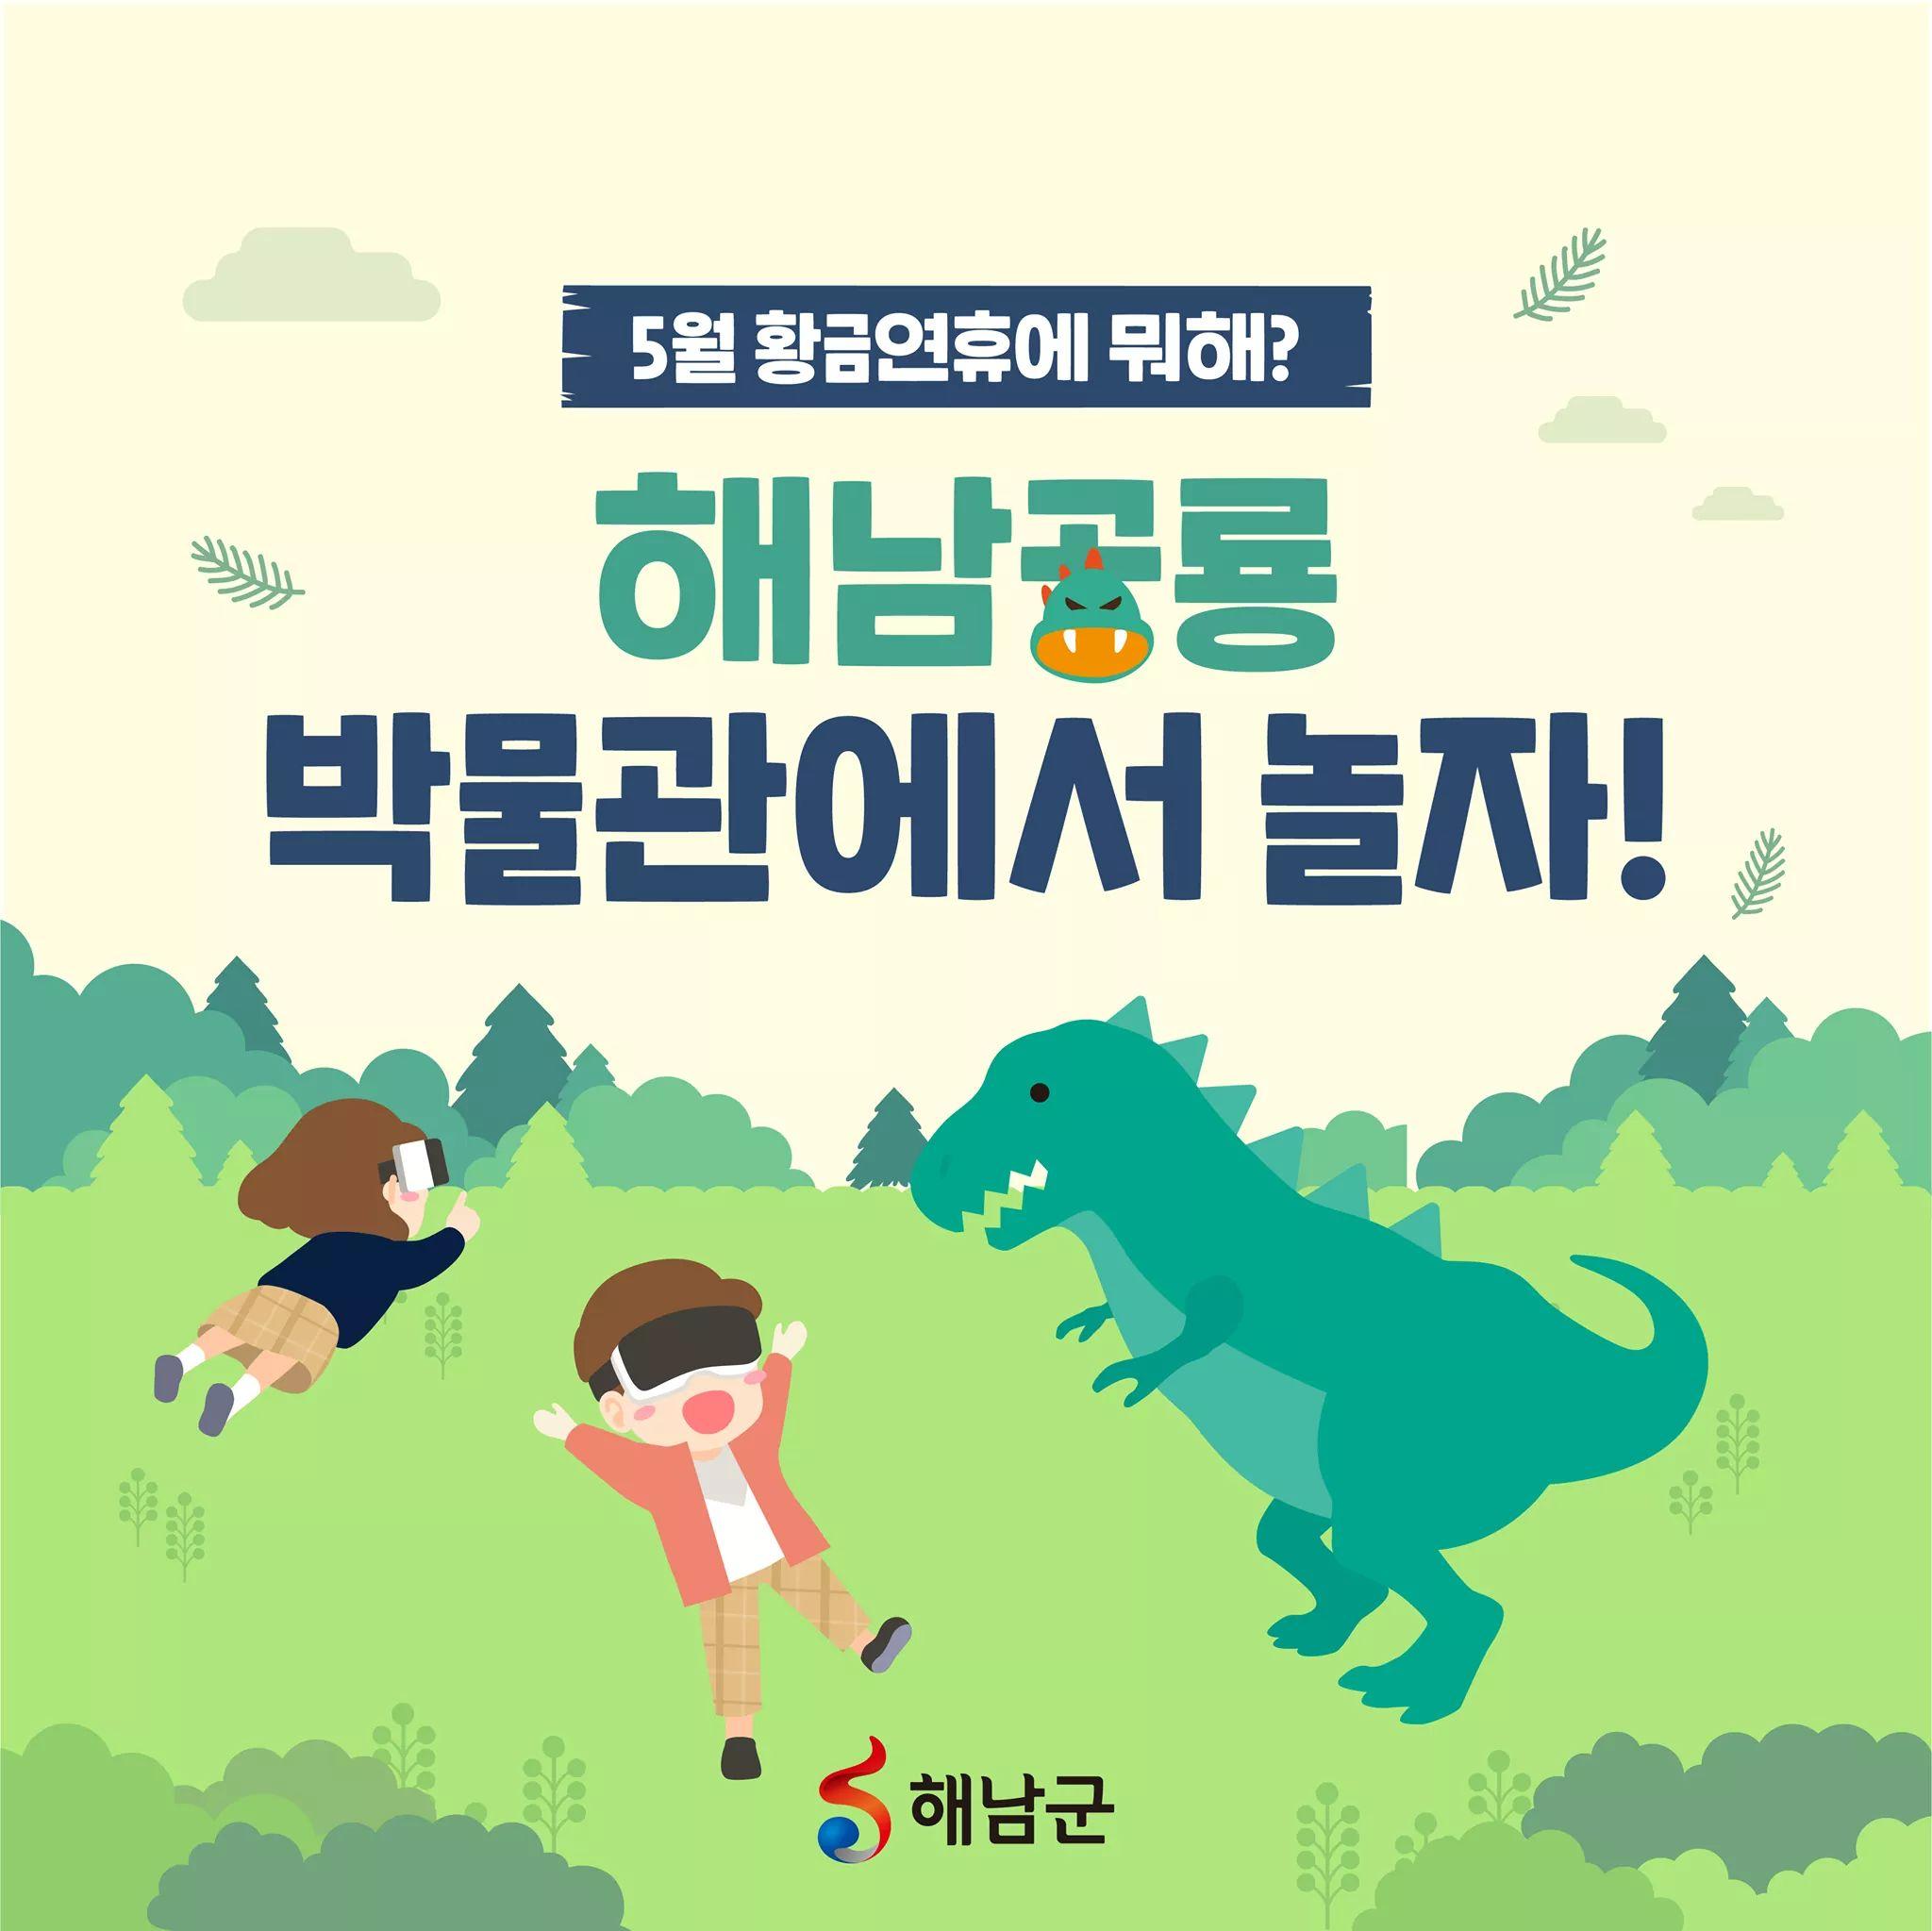 해남 공룡 박물관에서 놀자~~~!!